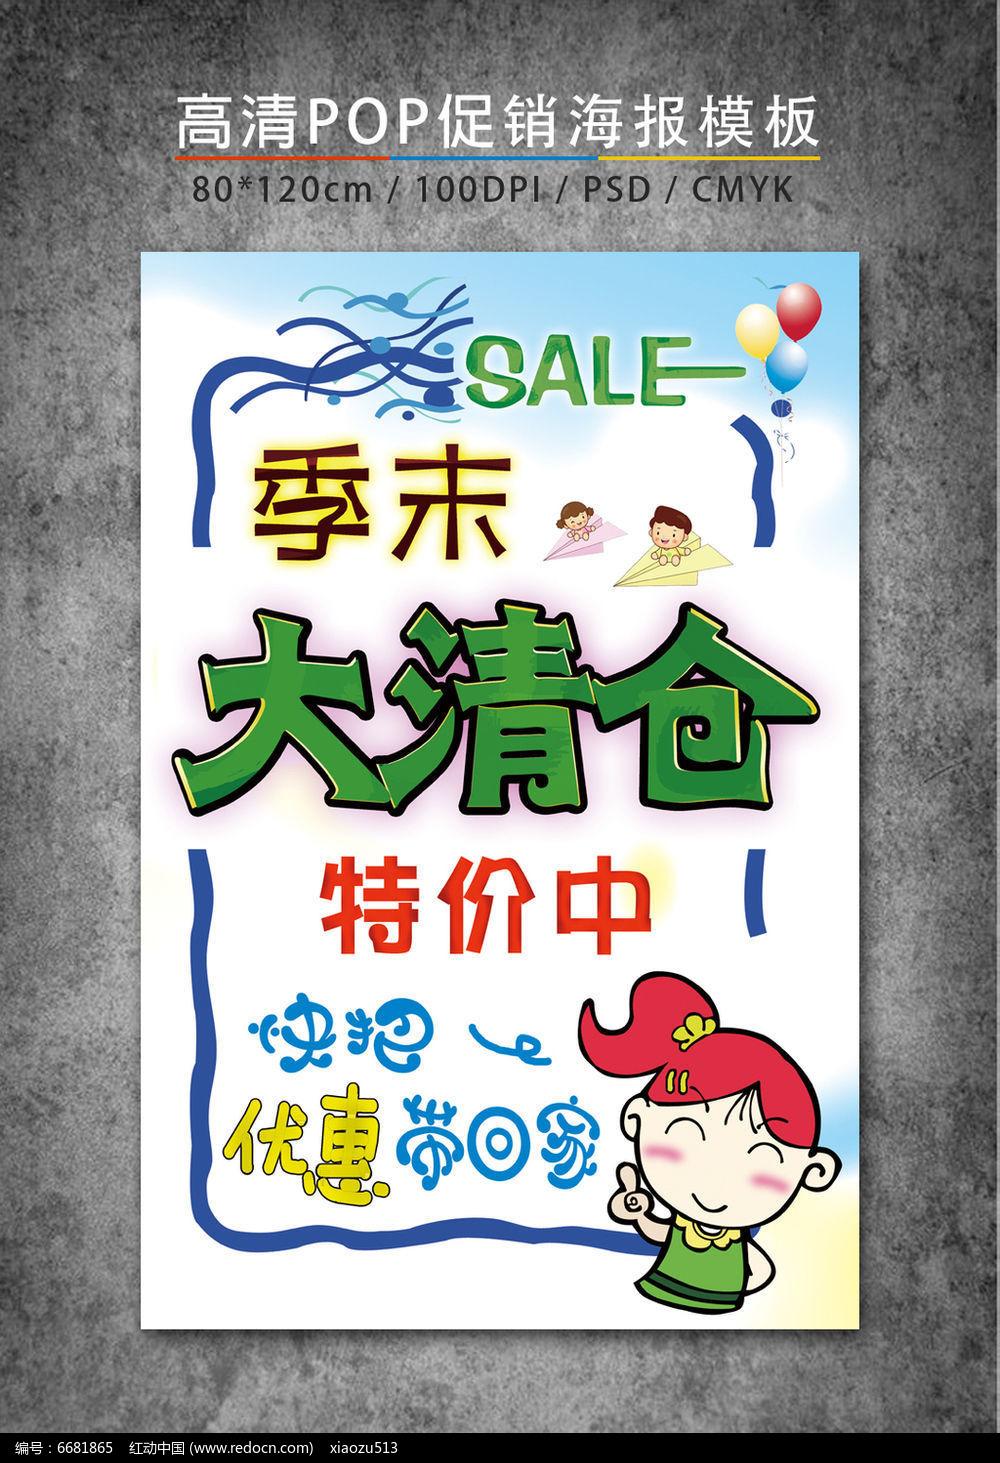 下载 生日快乐海报手绘pop 下载 特卖会pop海报 下载 61儿童节商场